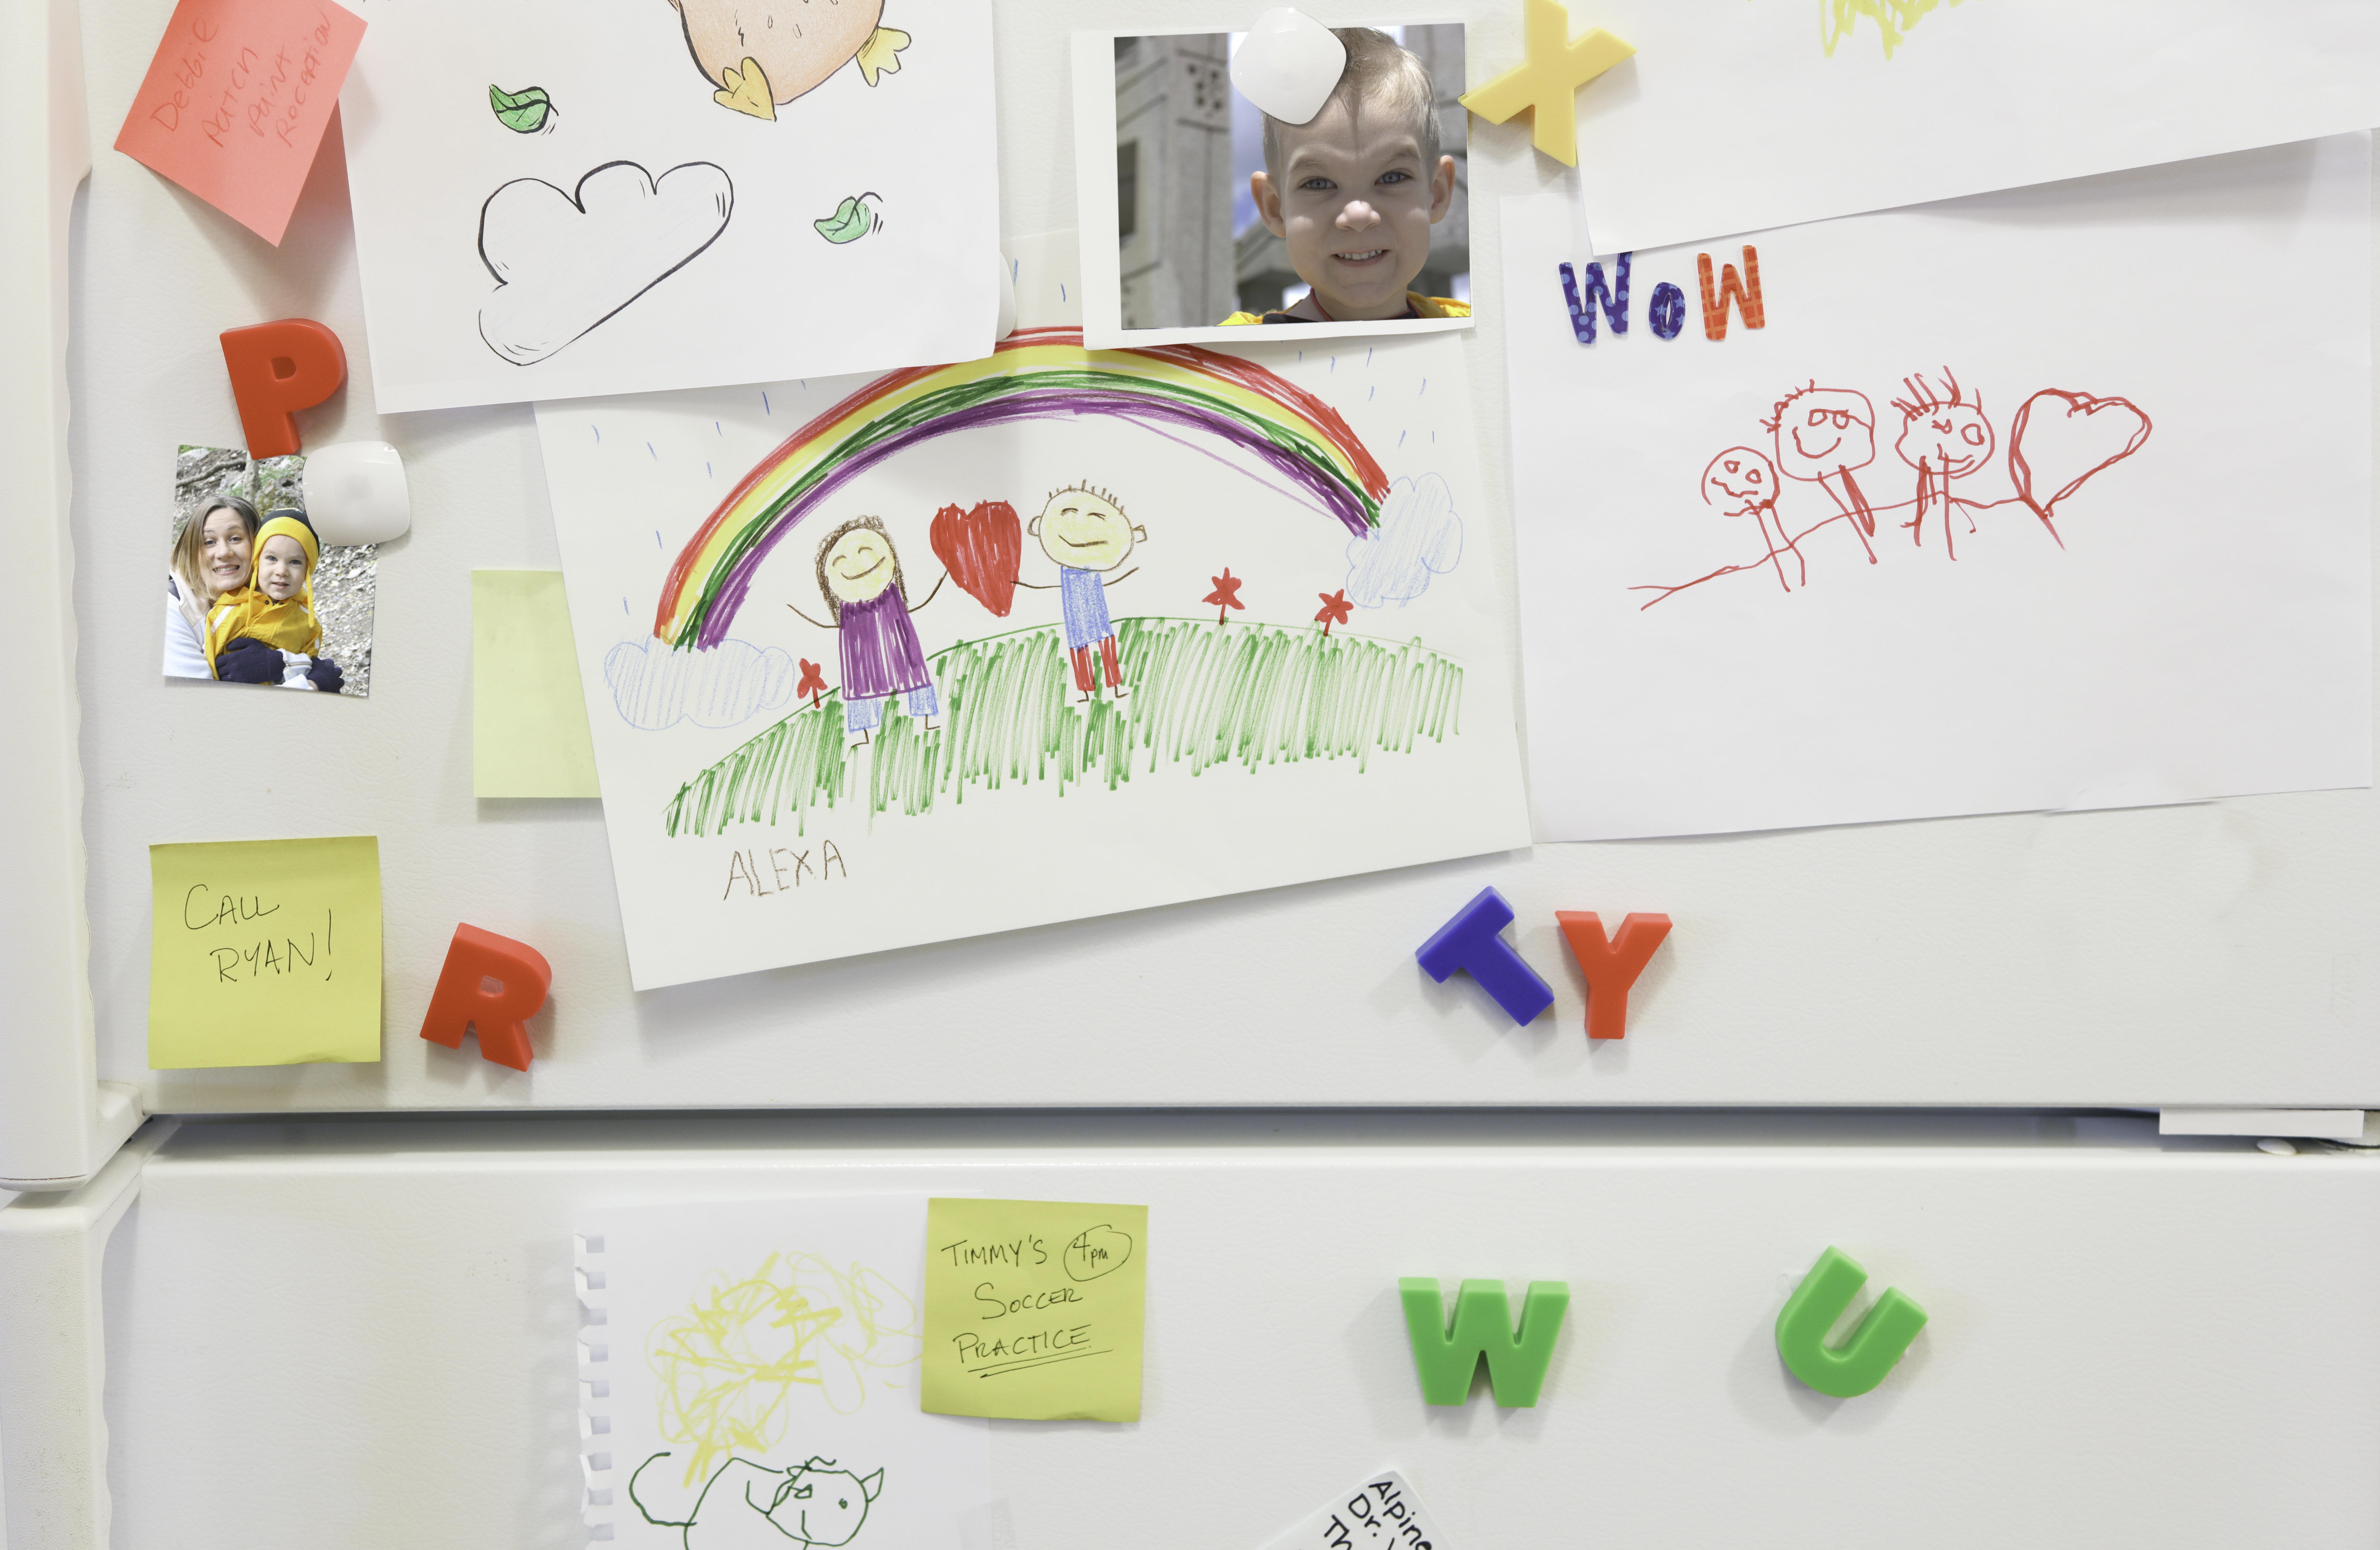 Οι «ιστορίες» των ψυγείων: Πώς το ψυγείο καταλήγει να σκιαγραφεί την οικογενειακή